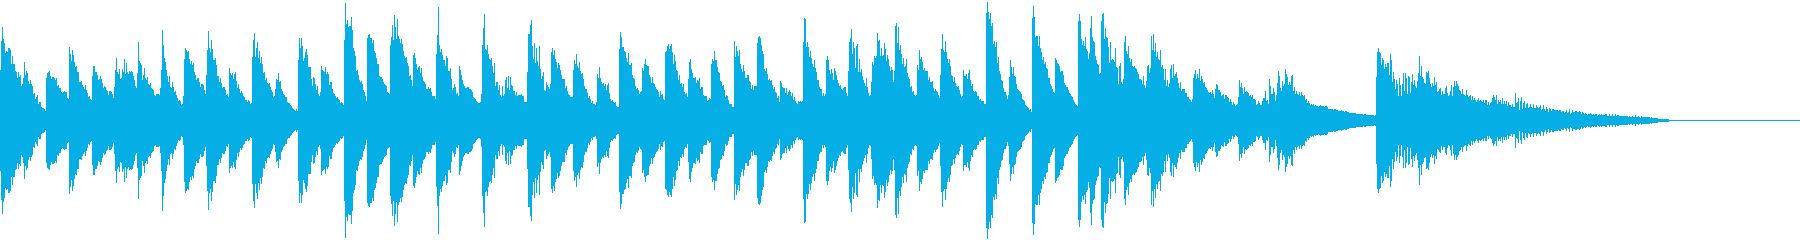 小粋で軽やかな夏の日本風ピアノジングルの再生済みの波形